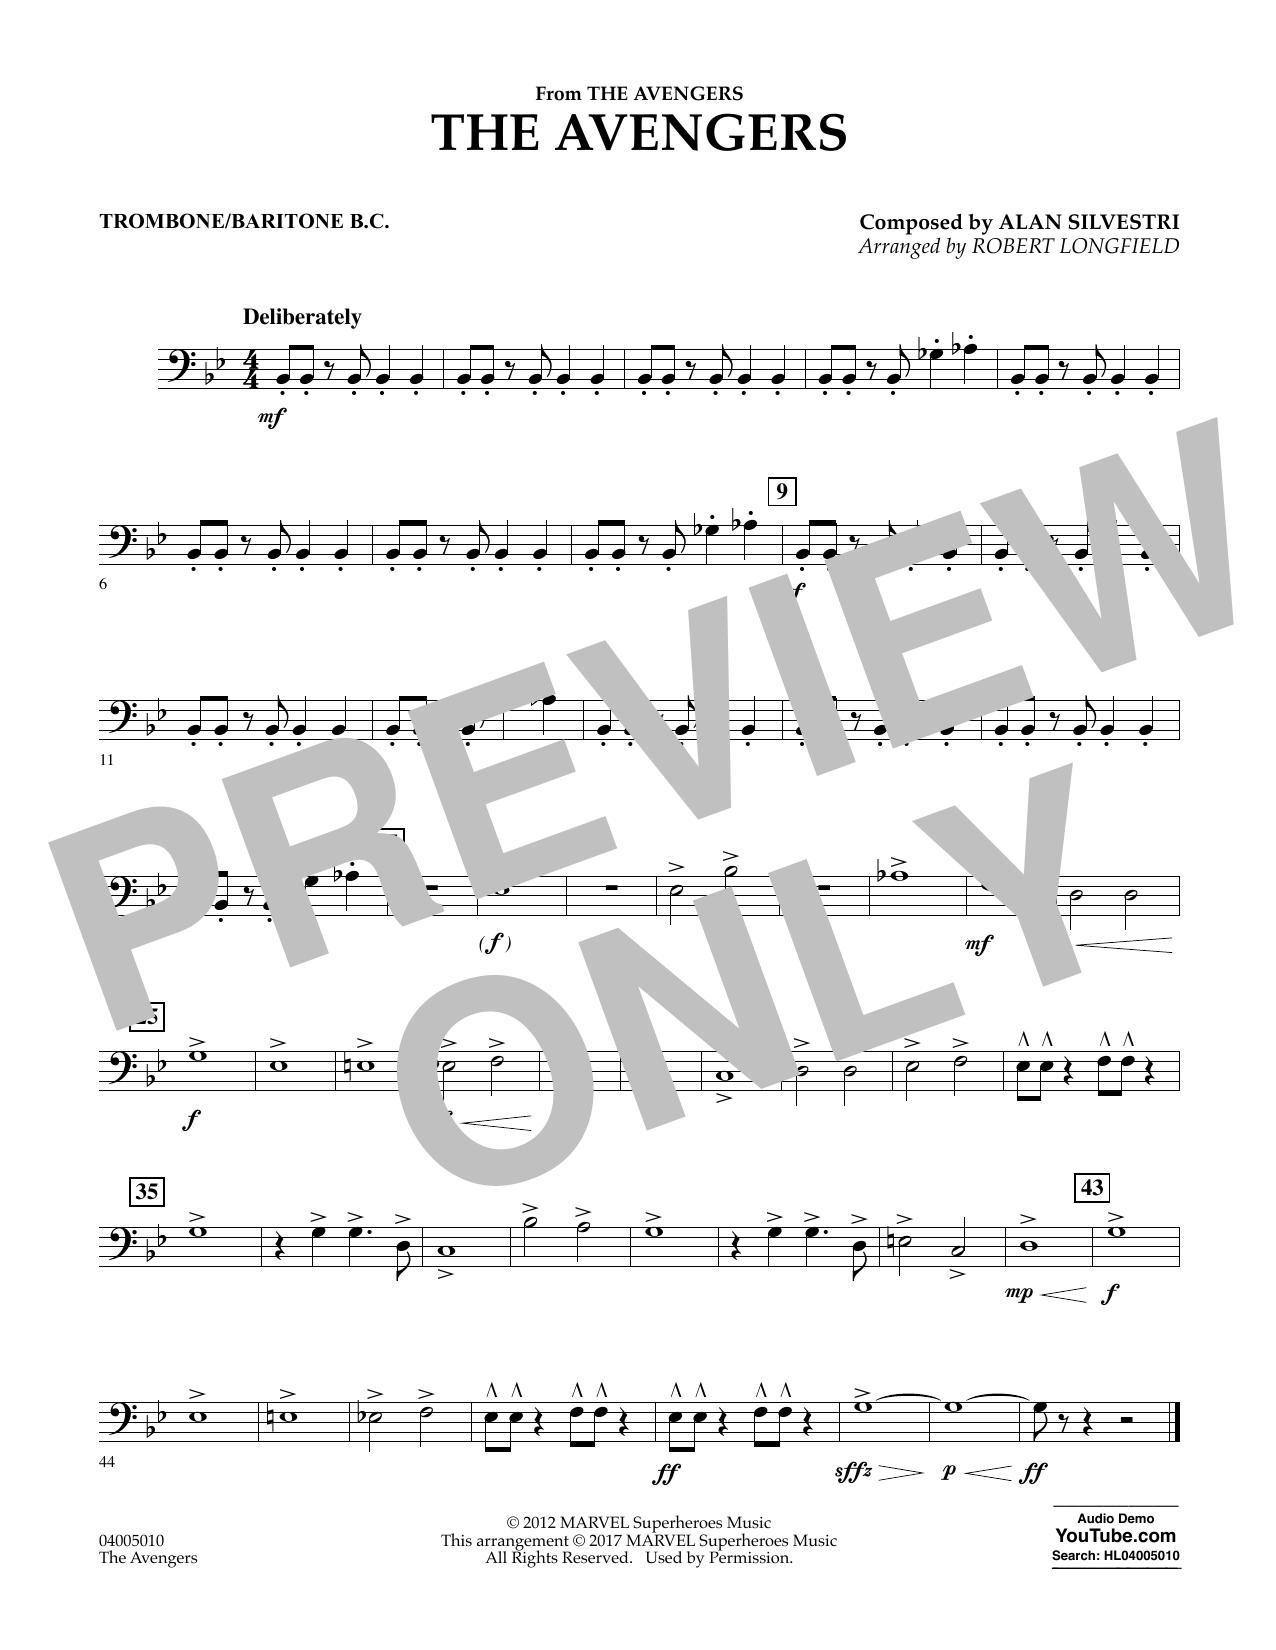 Alan Silvestri - The Avengers - Trombone/Baritone B.C.